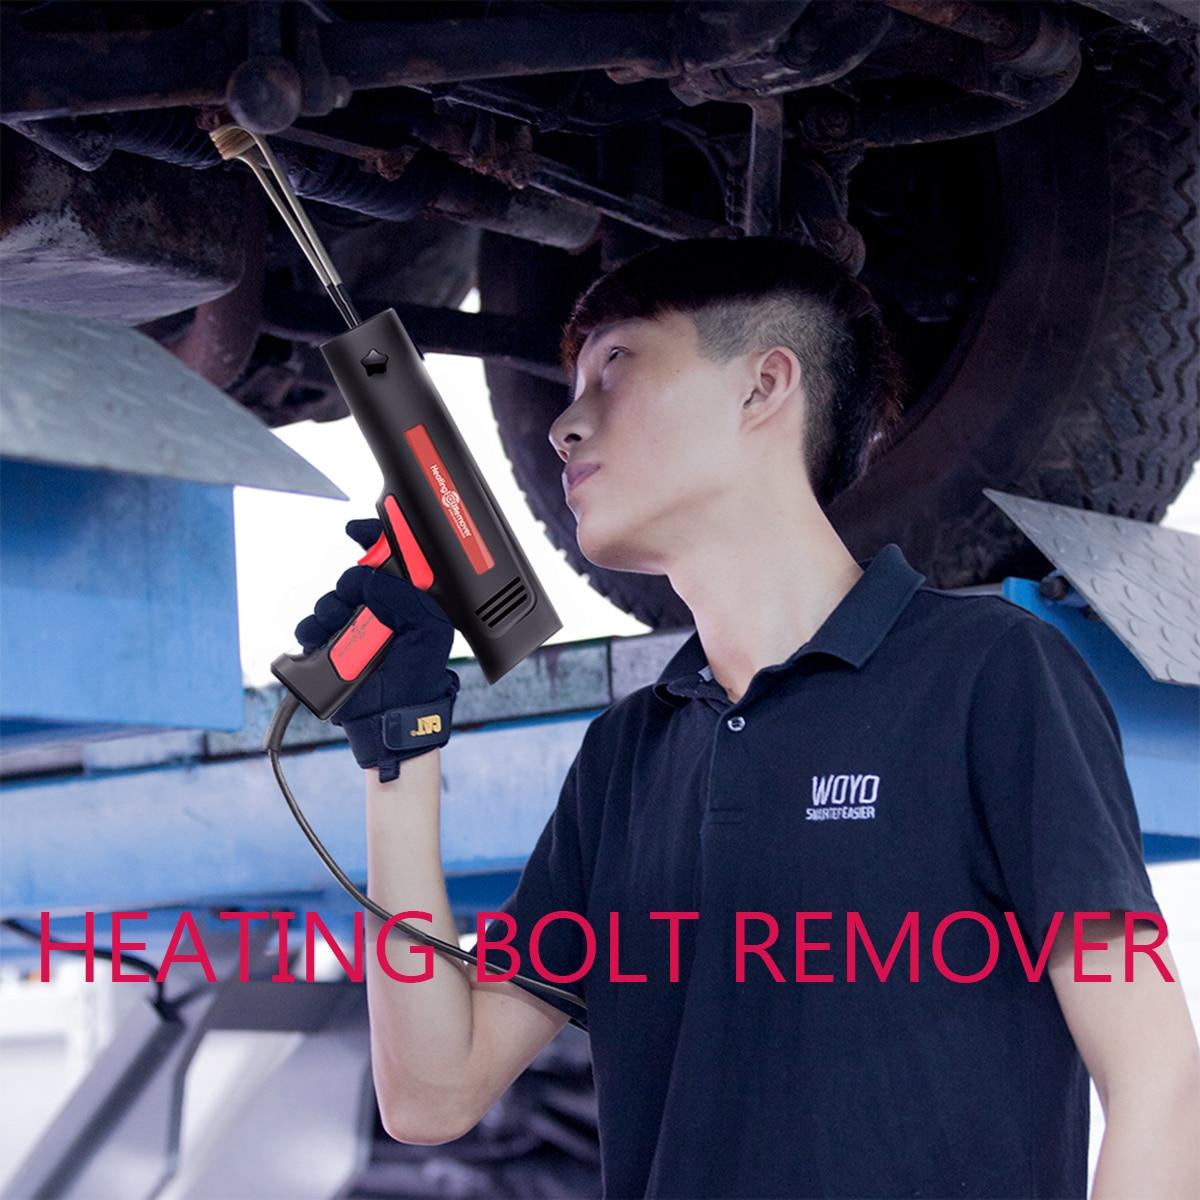 De Chauffage Par Induction magnétique Kit Pour Automobile Sans Flamme Chaleur 12V-110-220V Réparation Voiture Chauffage Boulon Remover